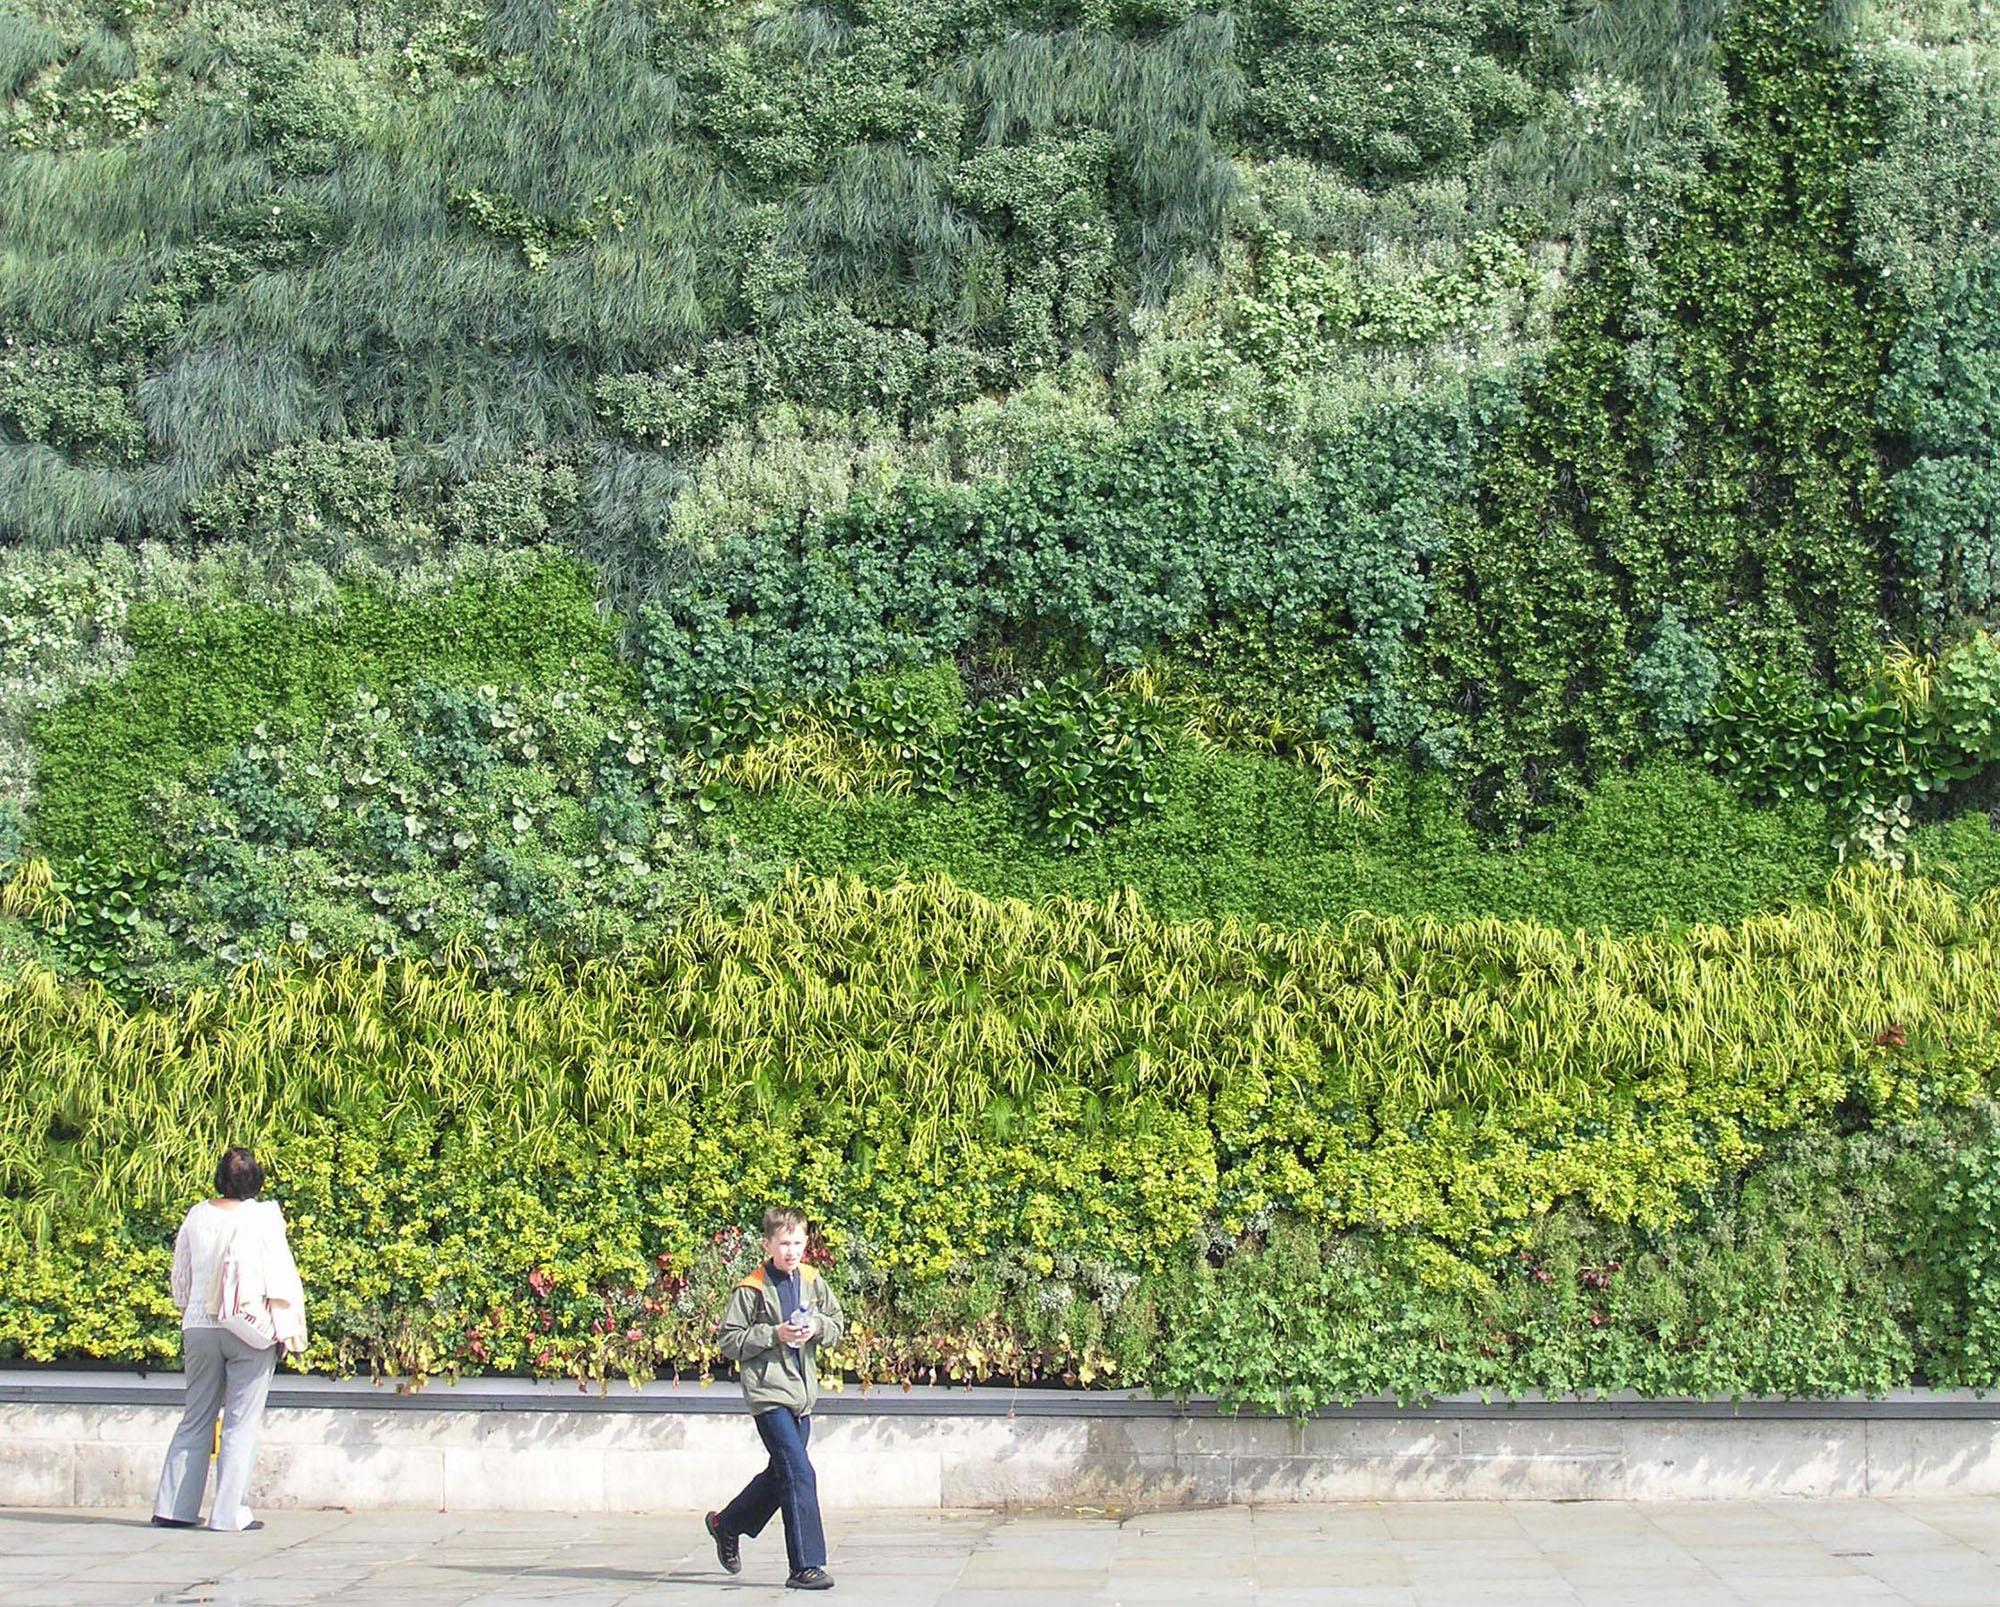 huge living wall of plants outside.